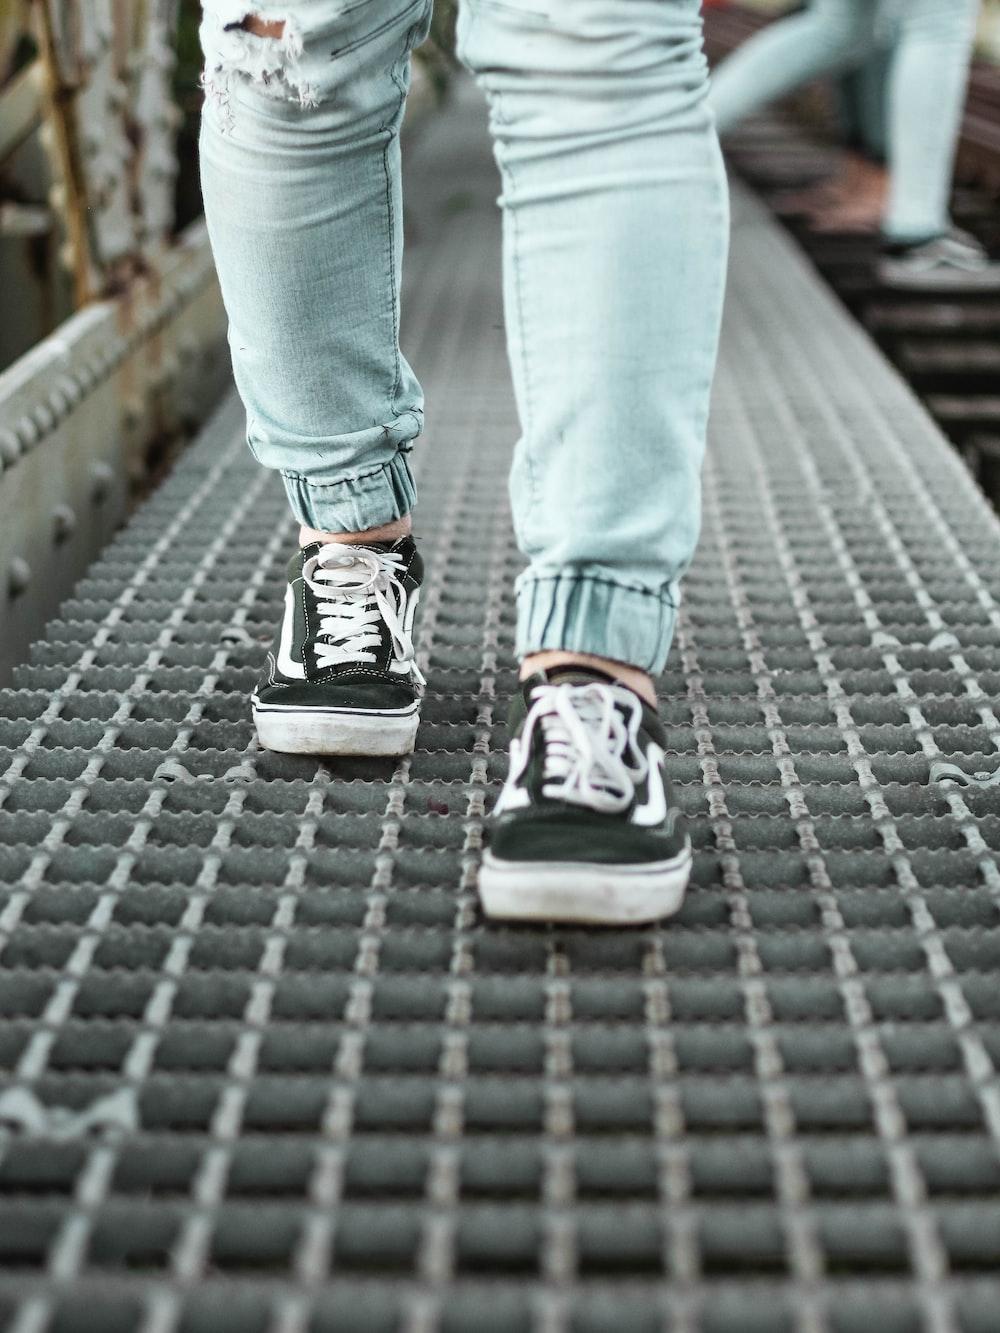 ce98e01c7bb person wearing black Vans Old Skool low-top sneakers